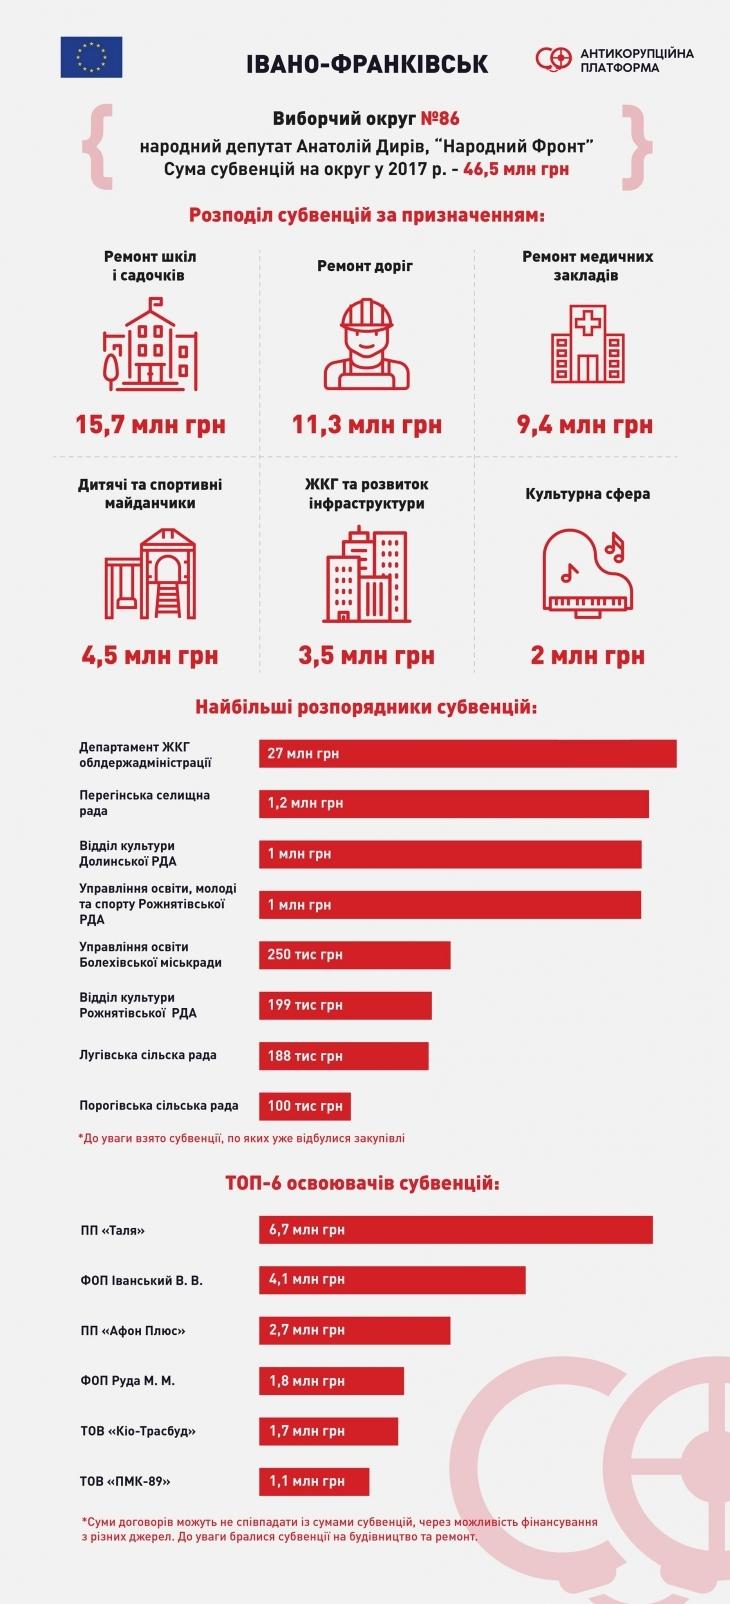 Субвенції-2017: скільки нардепи Шевченко, Дирів і Дерев'янко залучили коштів на свої округи та хто на цьому заробив 4